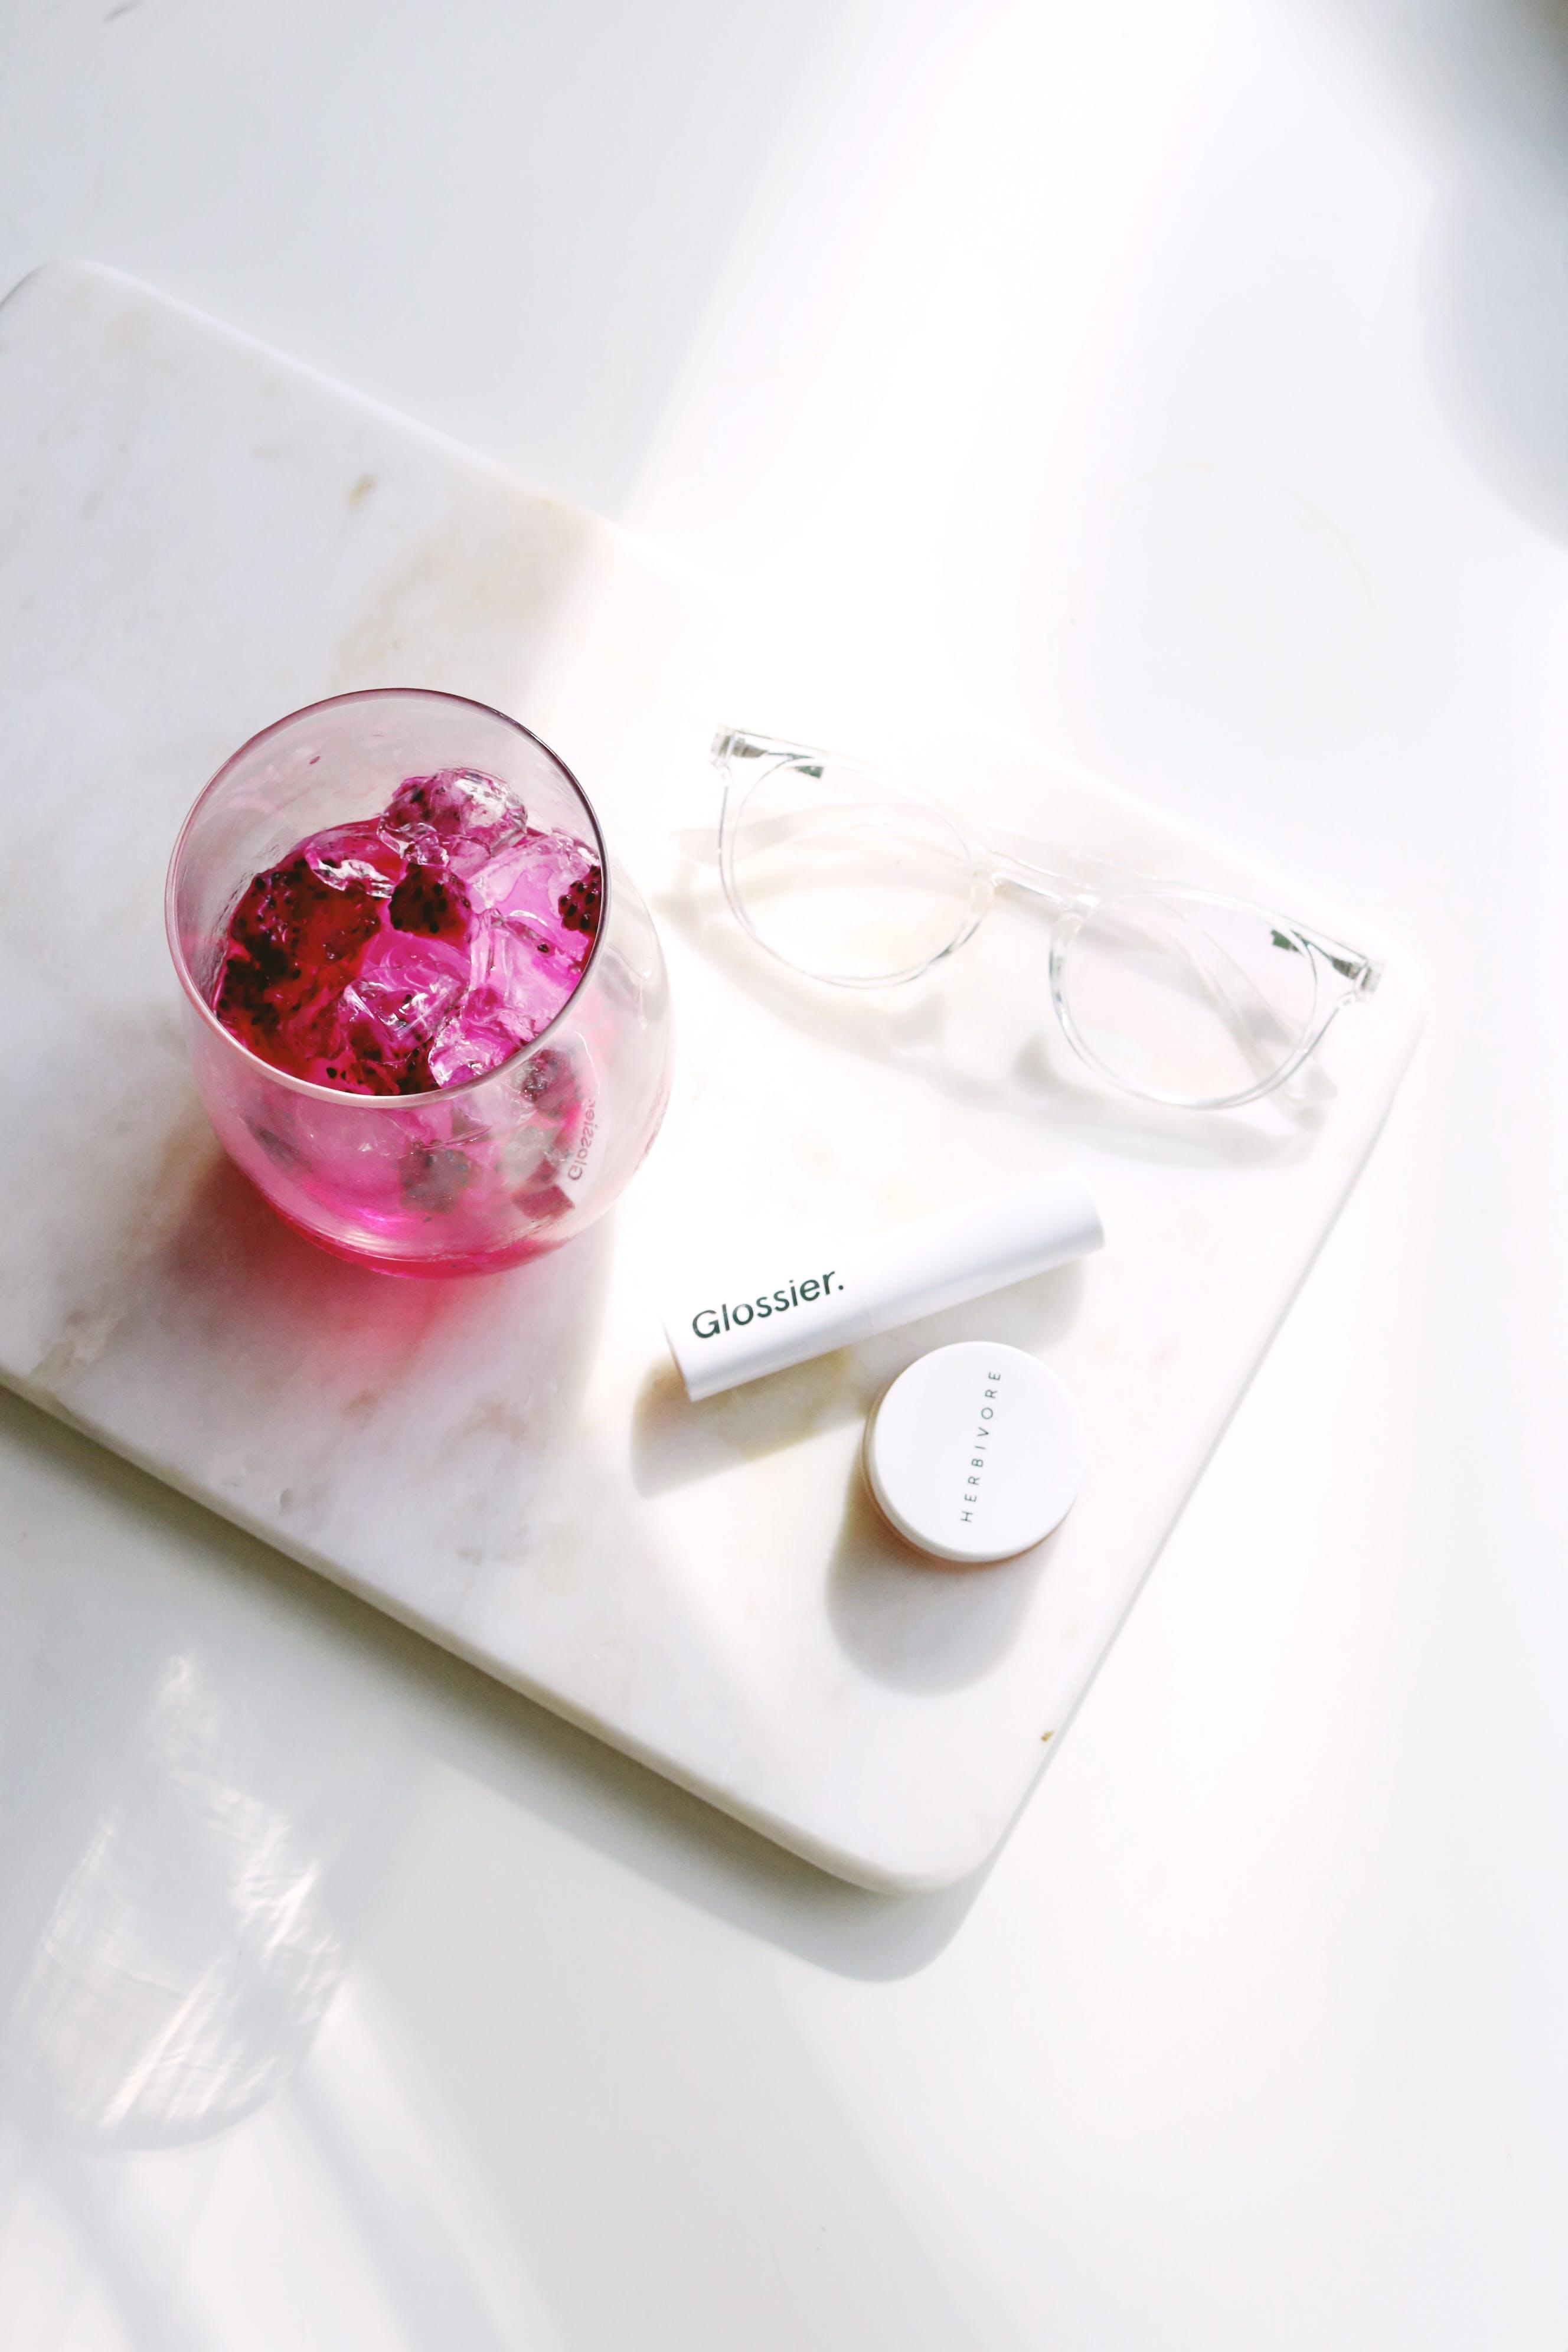 Cup Beside Eyeglasses